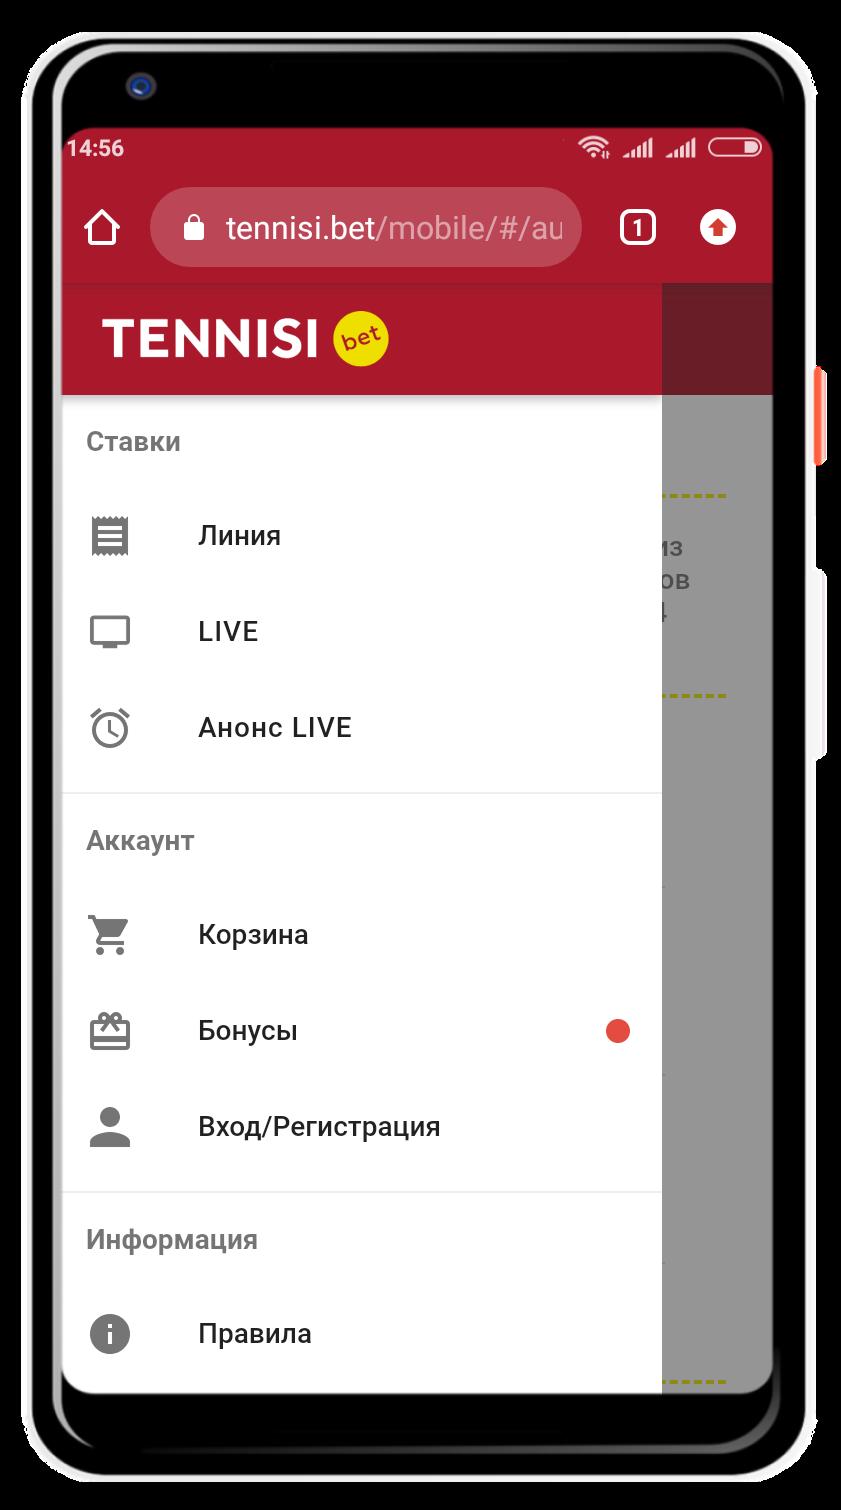 Боковое меню тенниси бет